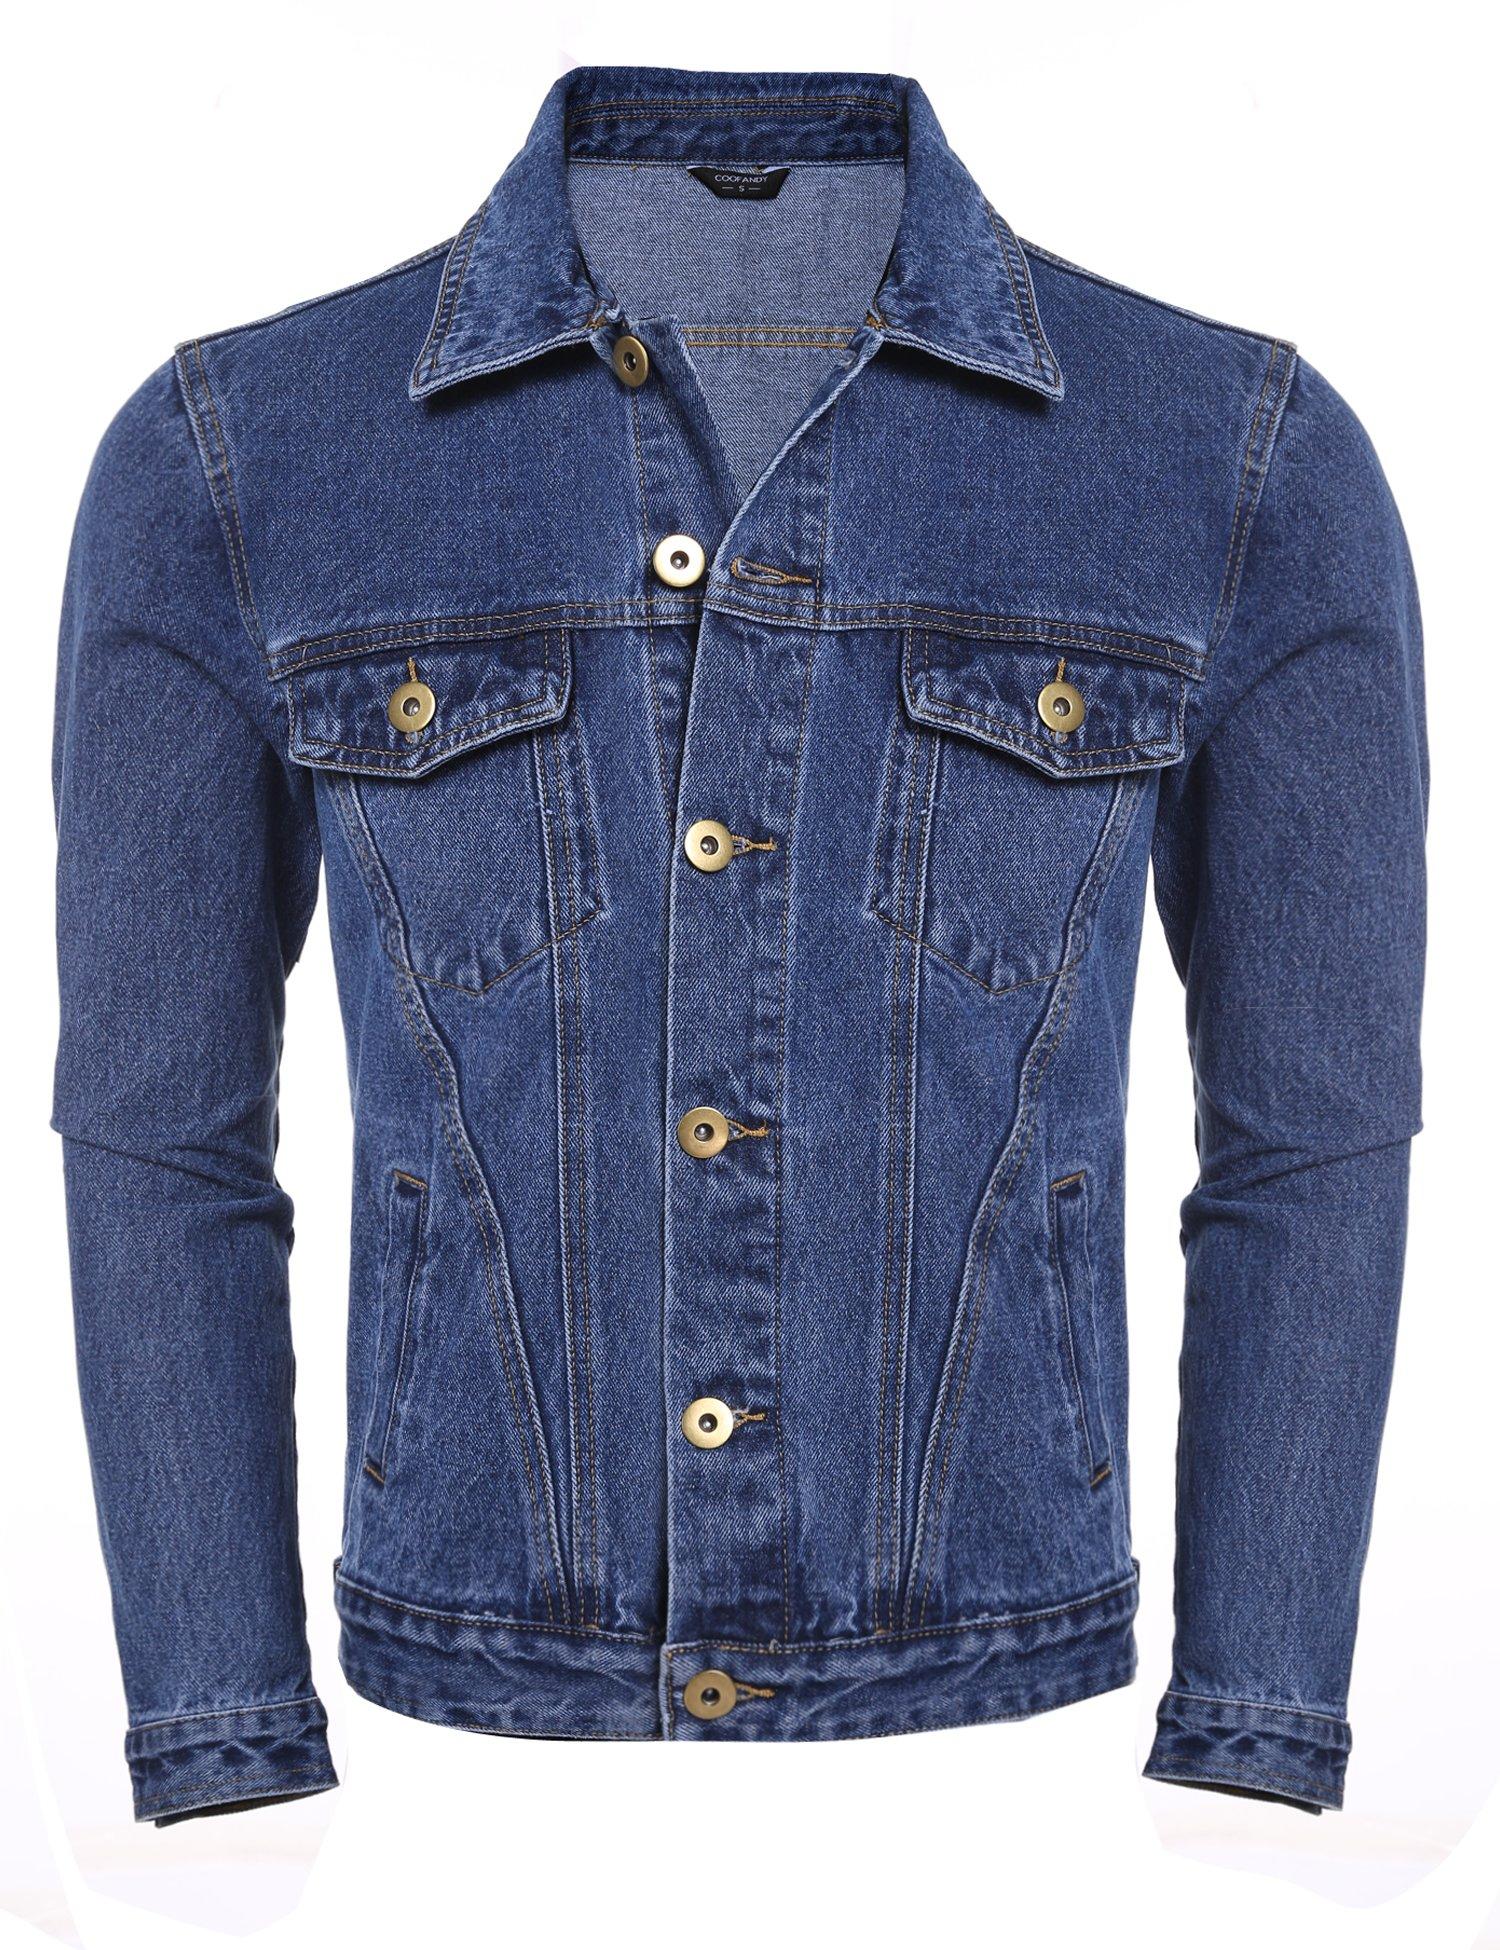 COOFANDY Men's Rugged Wear Unlined Jean Denim Jacket by COOFANDY